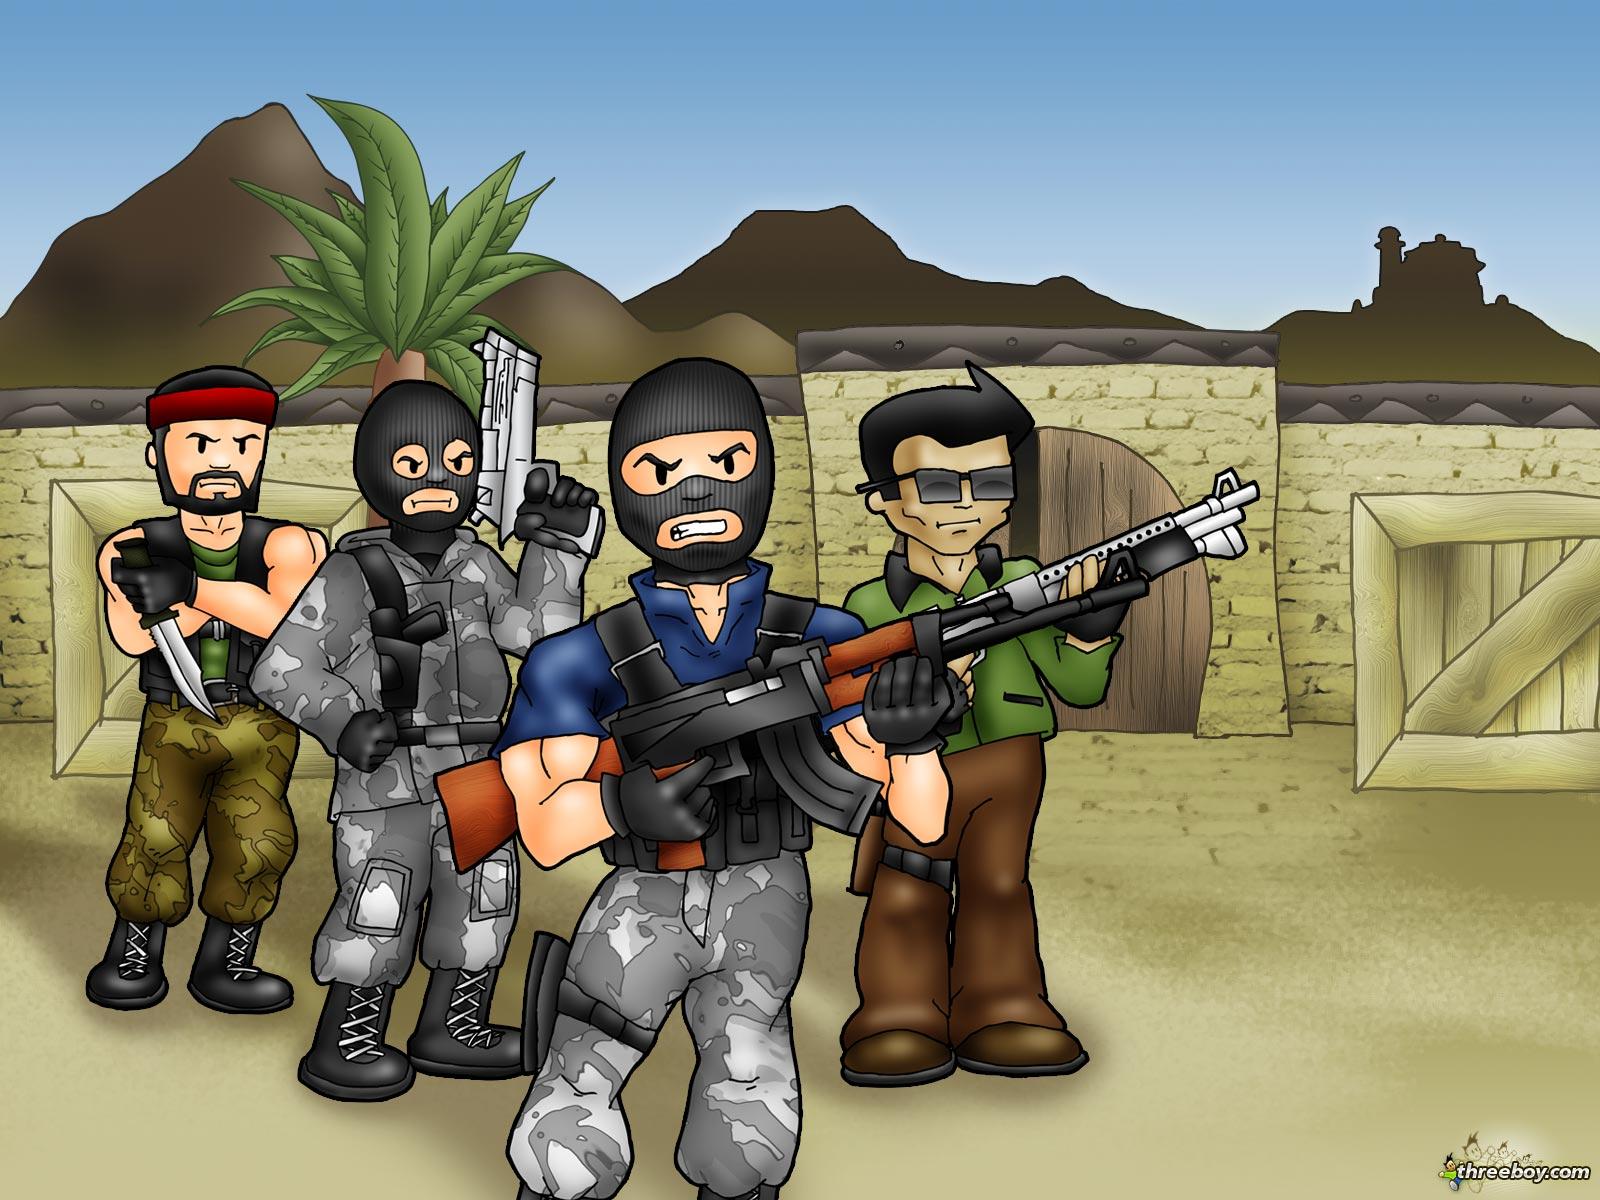 Предлагаем поиграть онлайн игру Counter-Strike 2D 0.1.1.7 + Portable.  Сегодня все больше людей играют в...